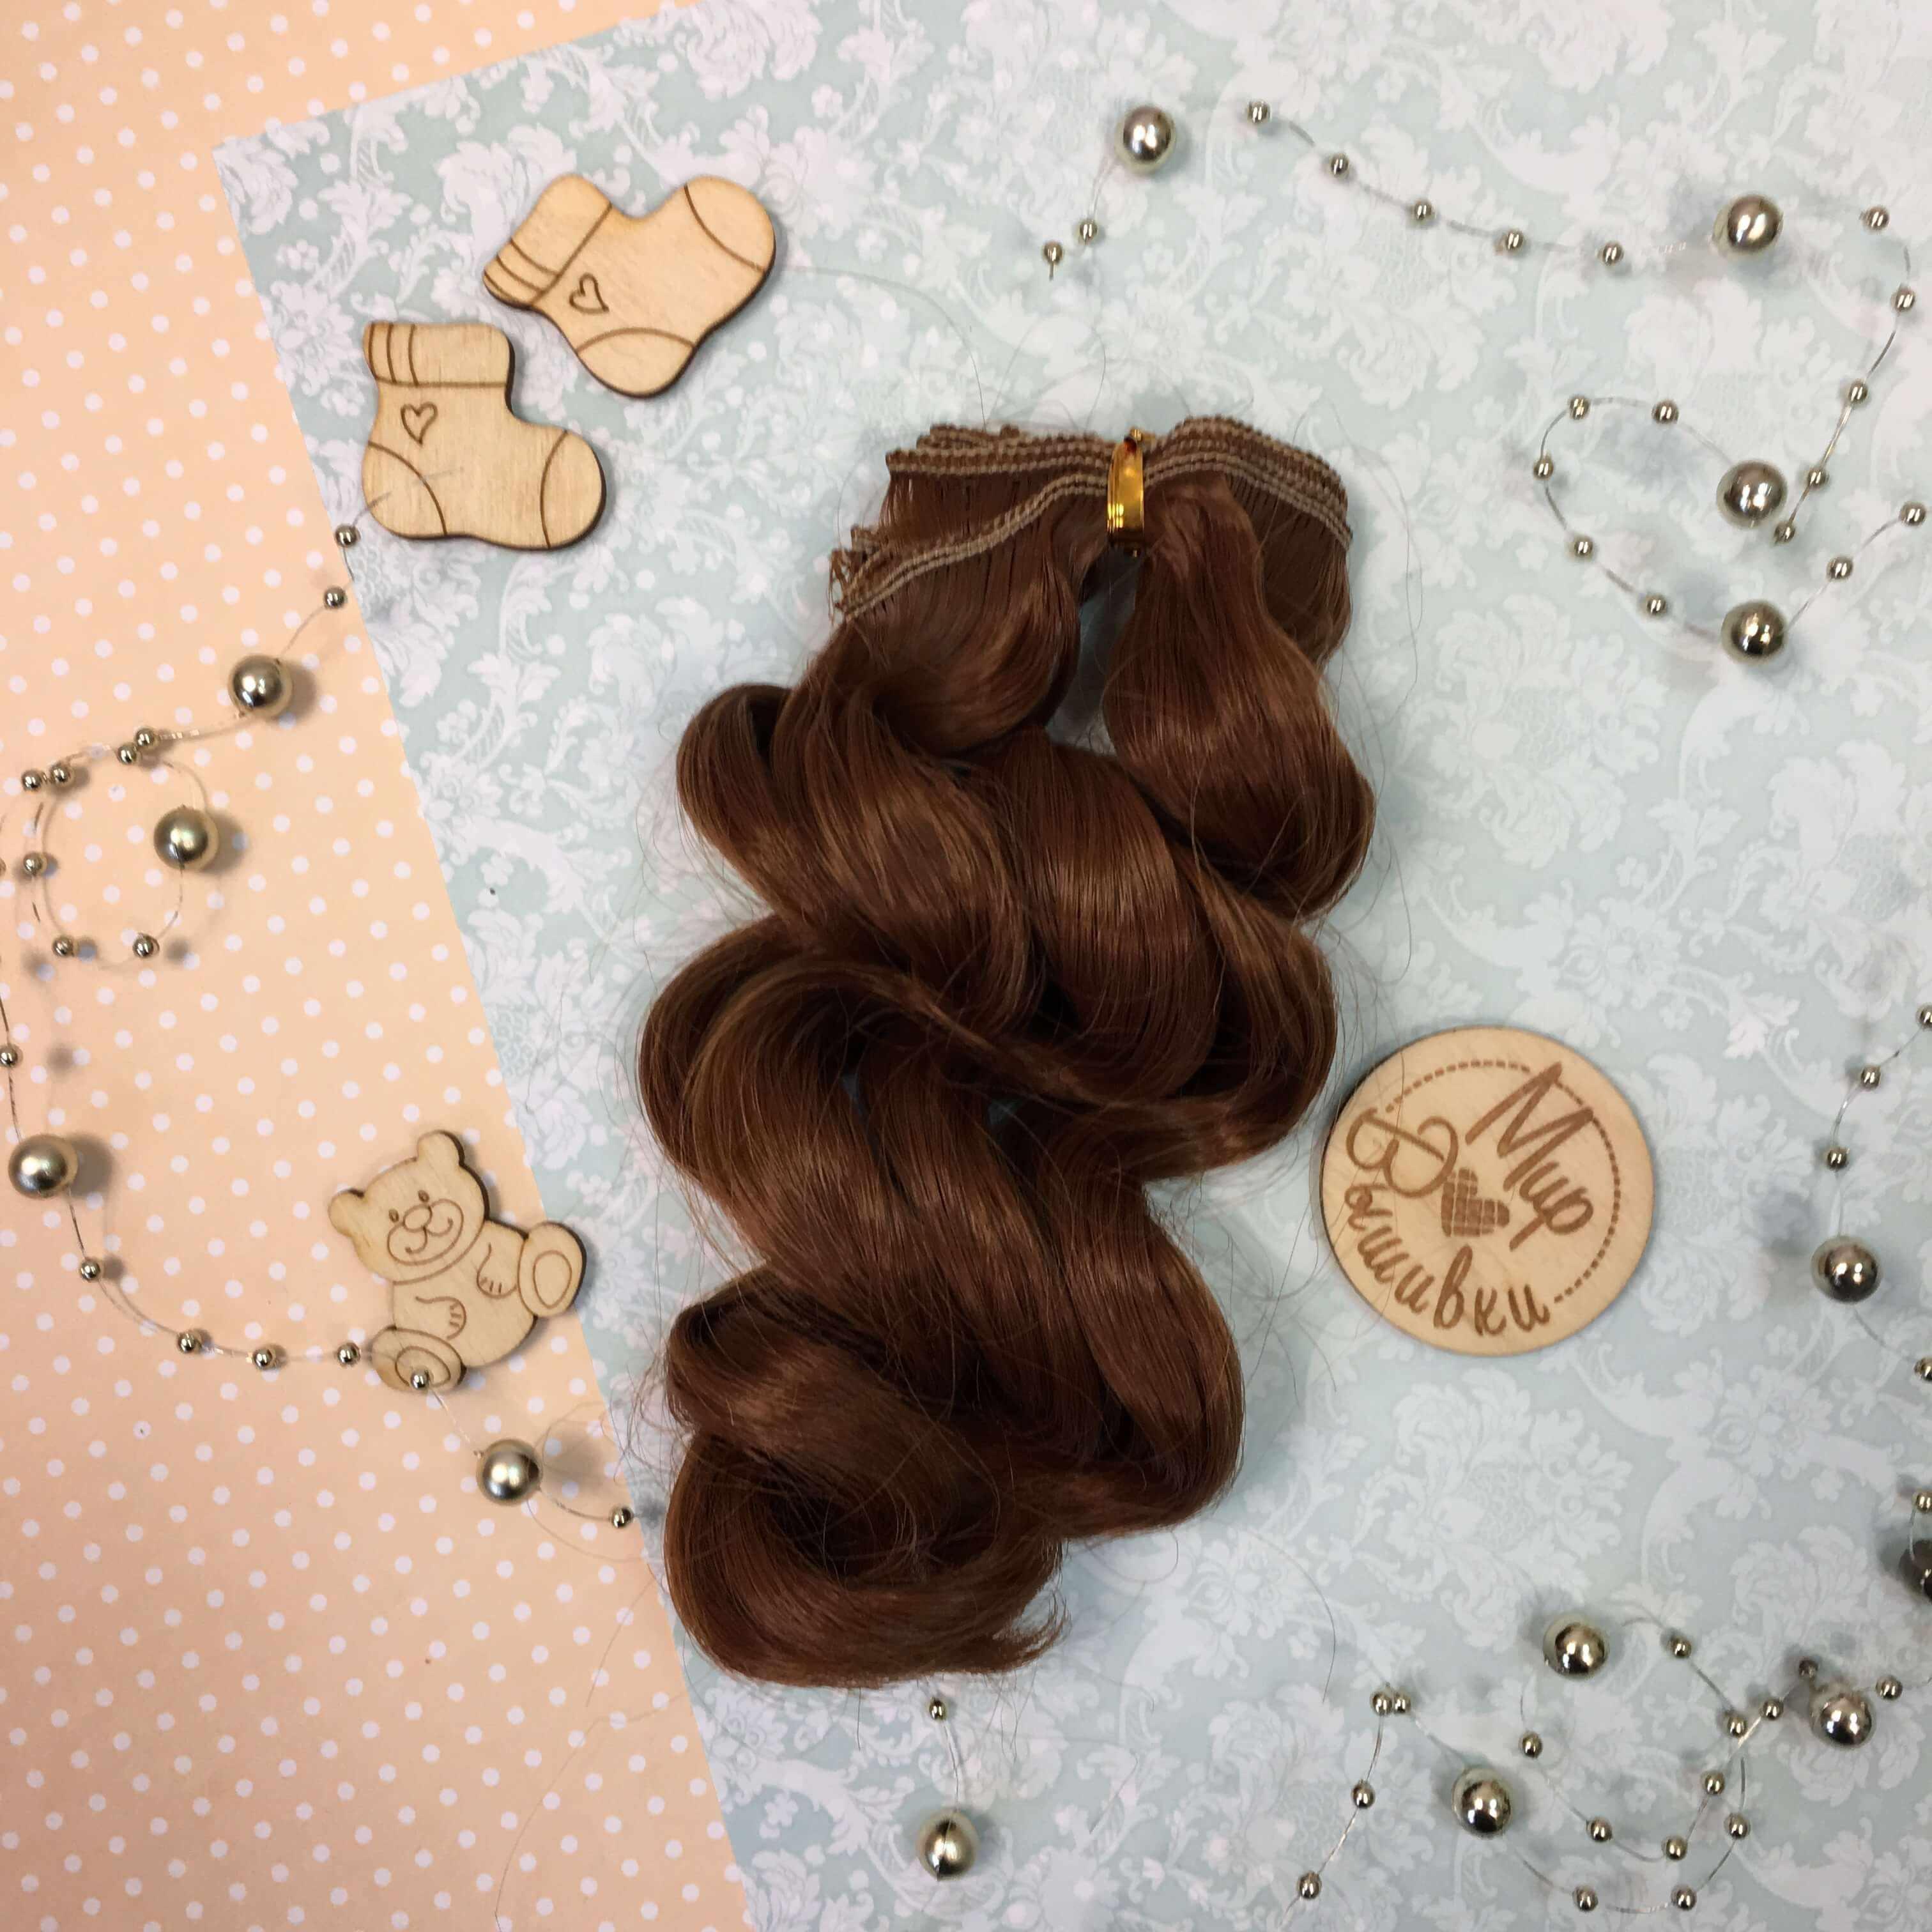 Волосы волна 12 (коричневые), 15 см